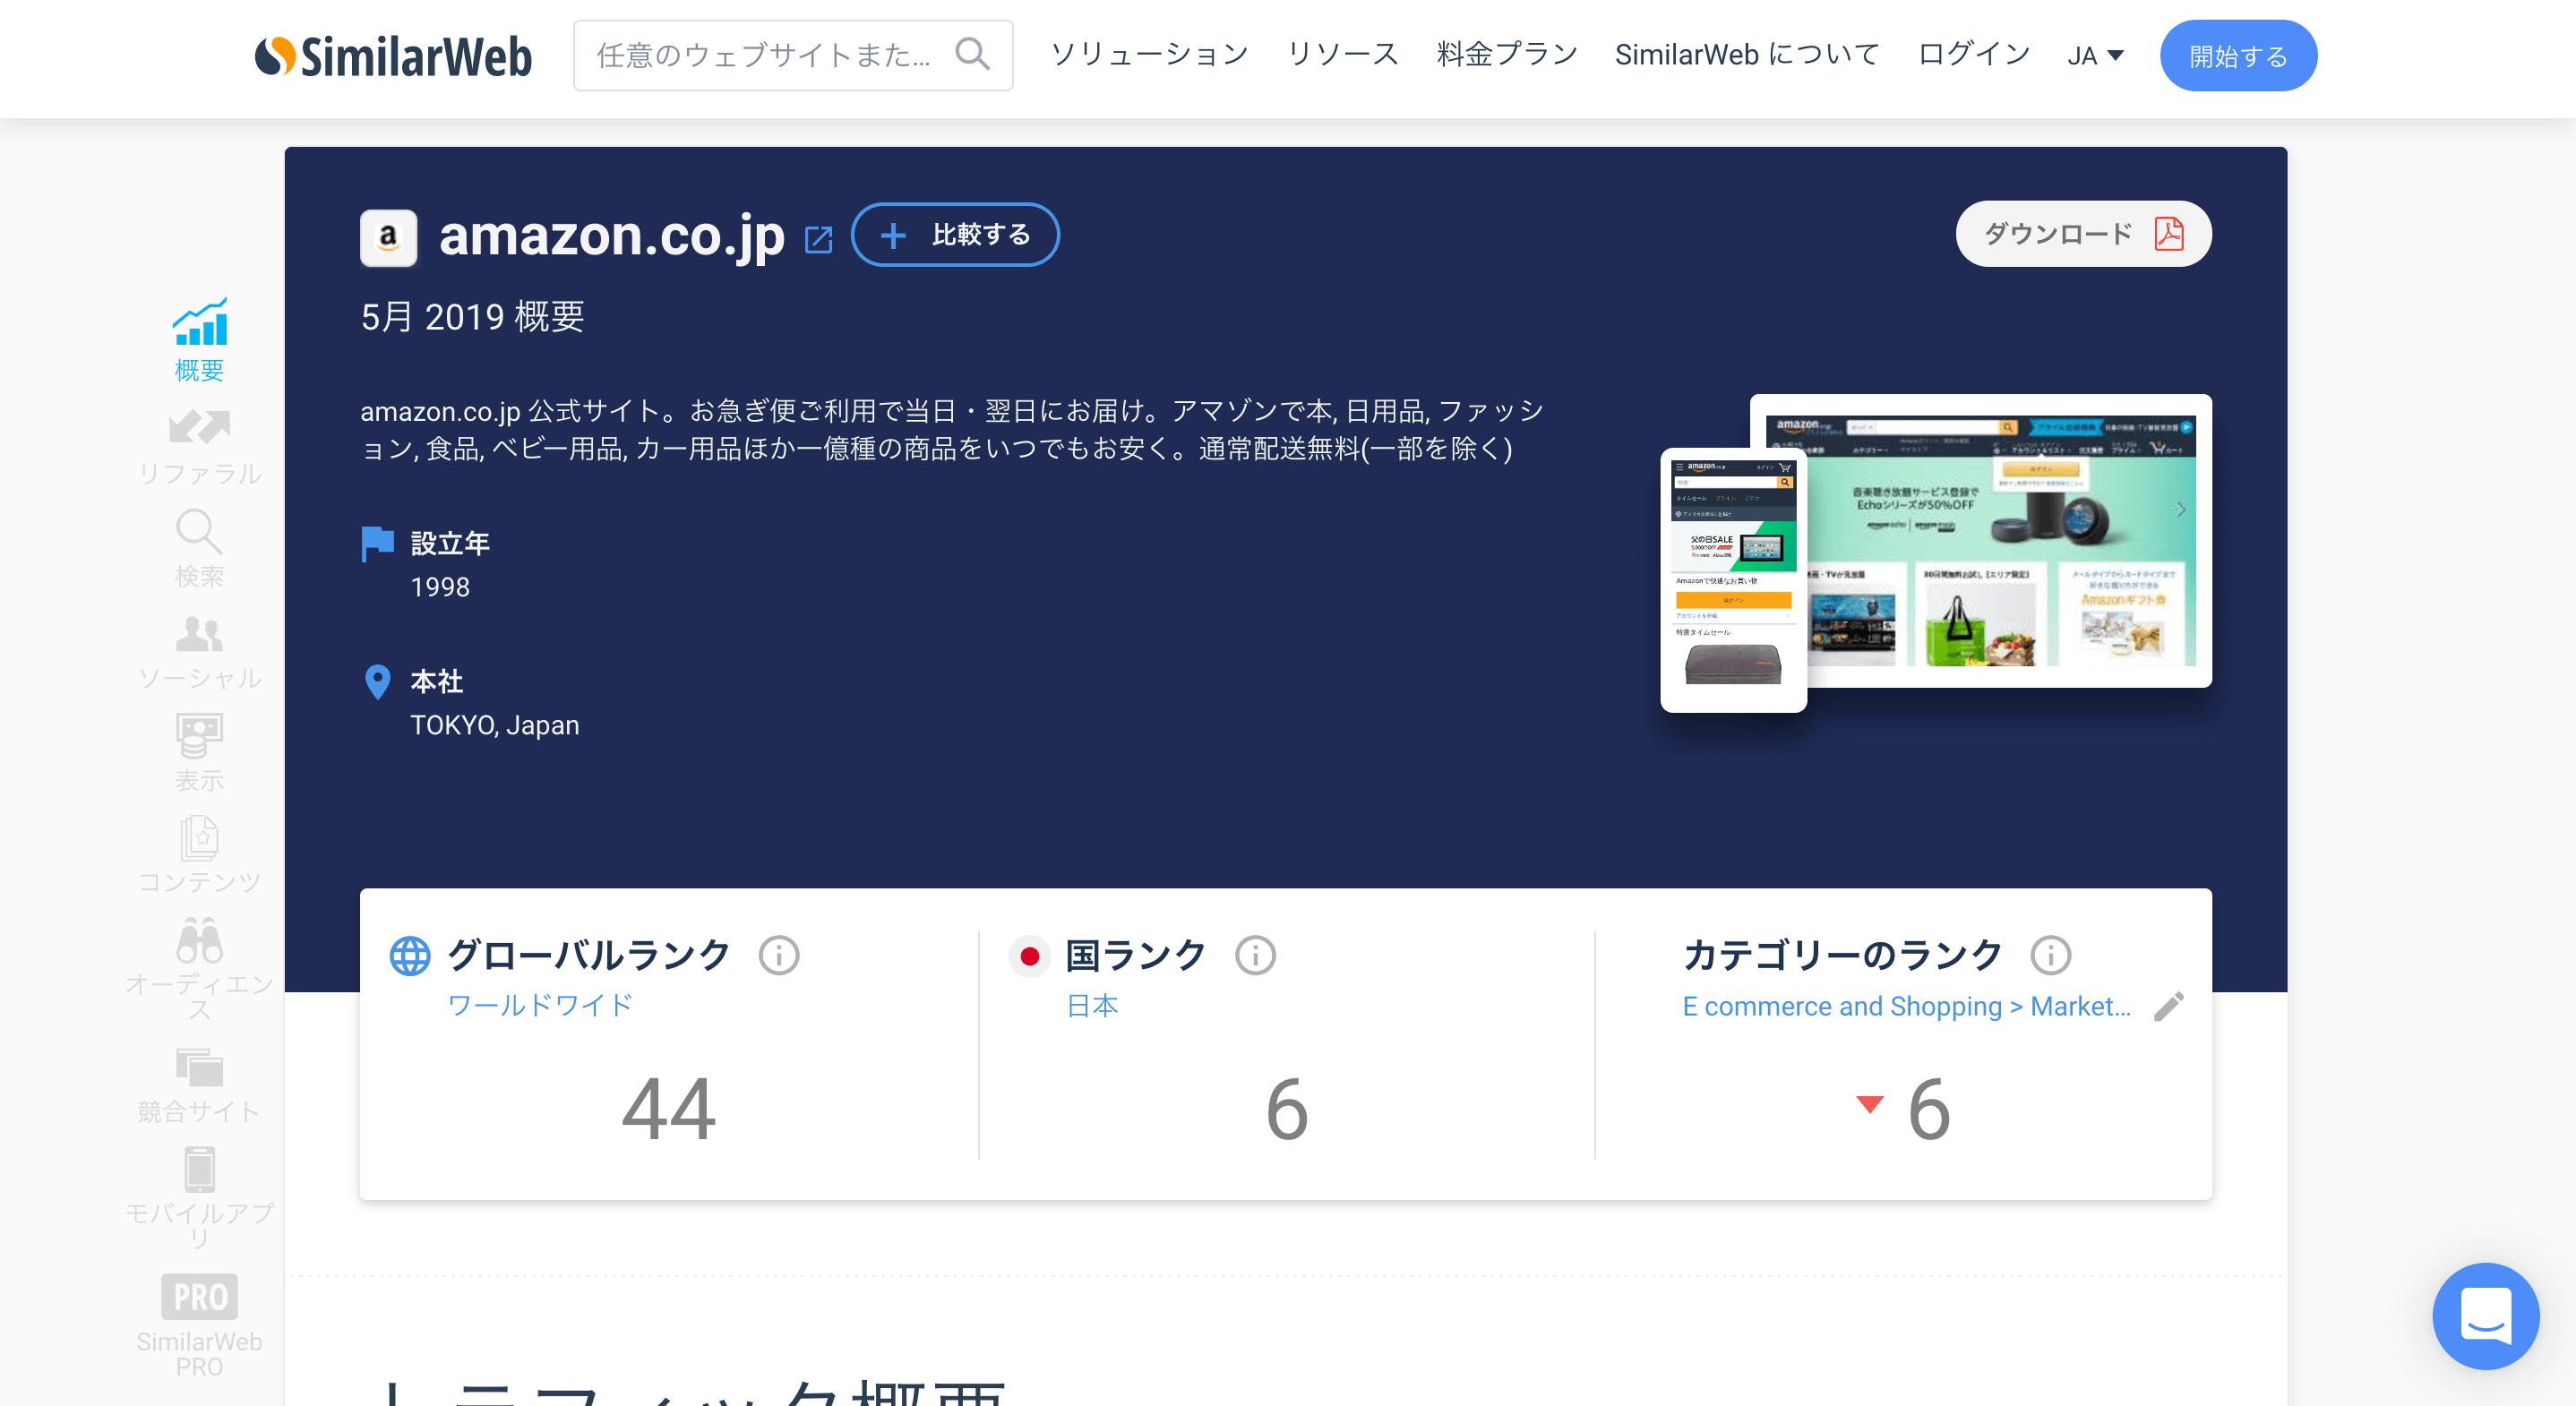 競合サイトのアクセス数・滞在時間を分析するツール「SimilarWeb」